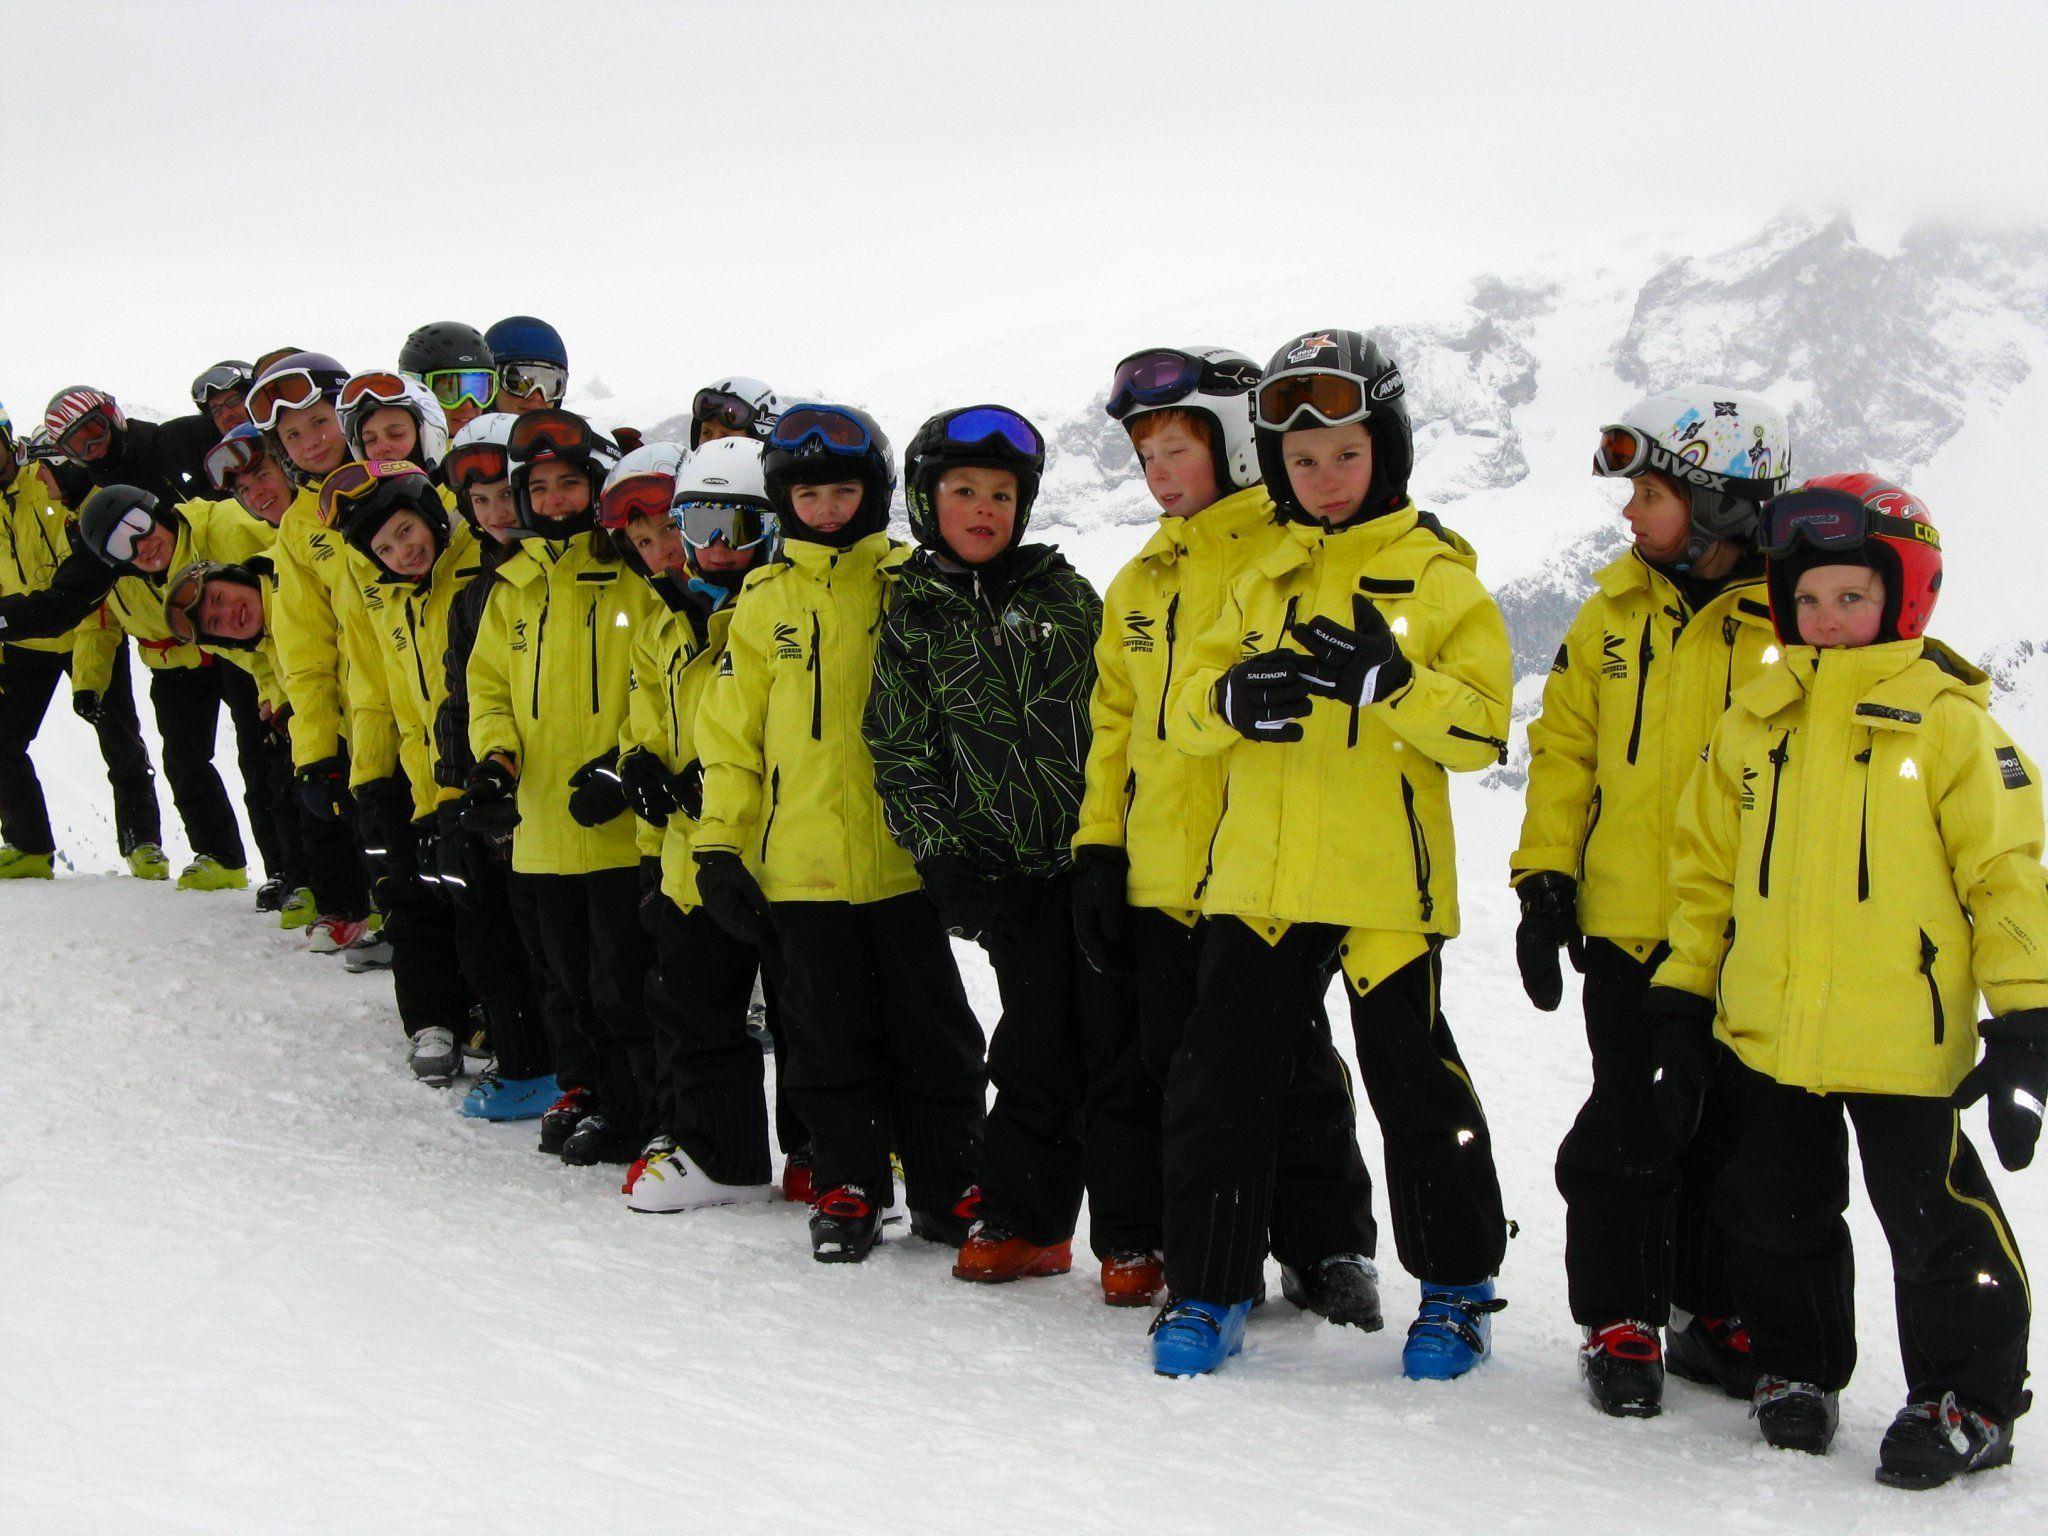 Eine tolle Trainingssaison mit traumhaften Schneeverhältnissen erlebte das Nachwuchsteam heuer